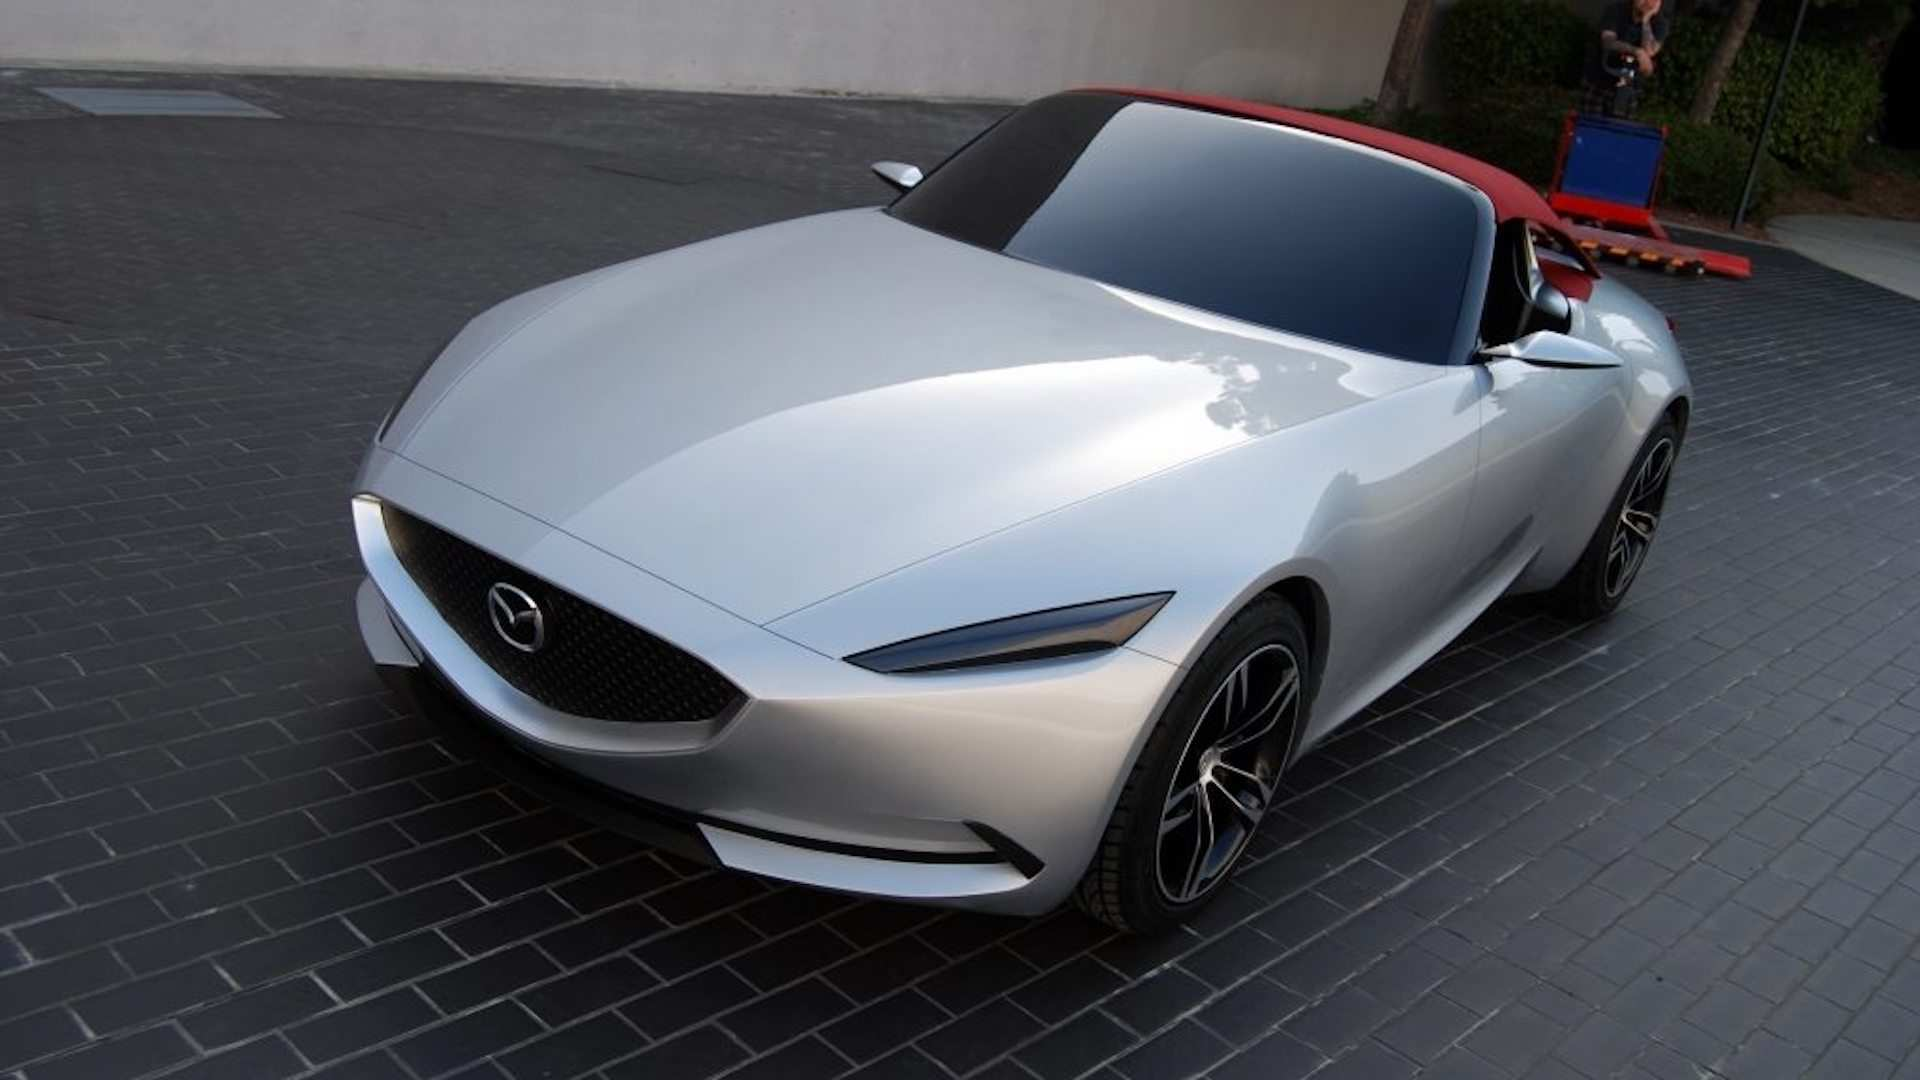 35 The 2020 Mazda MX 5 Concept by 2020 Mazda MX 5